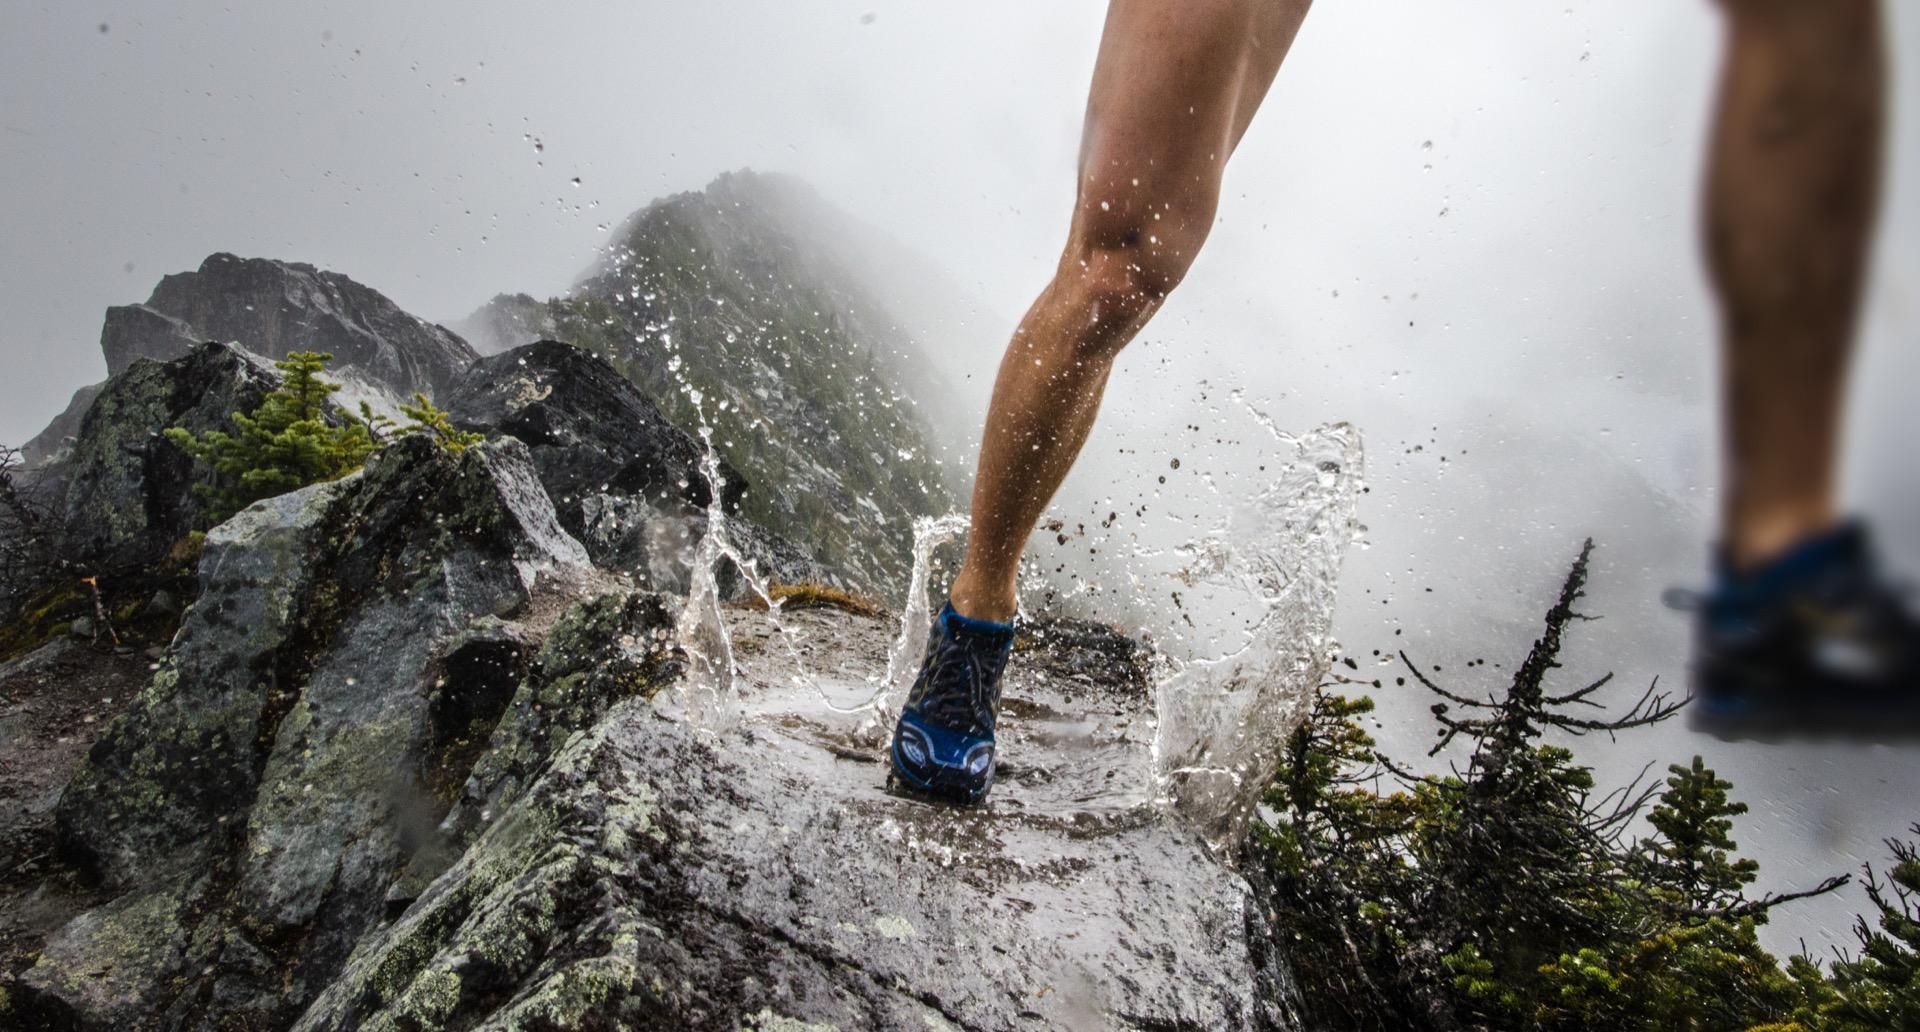 Terrengsko test kvinner Trening Løping